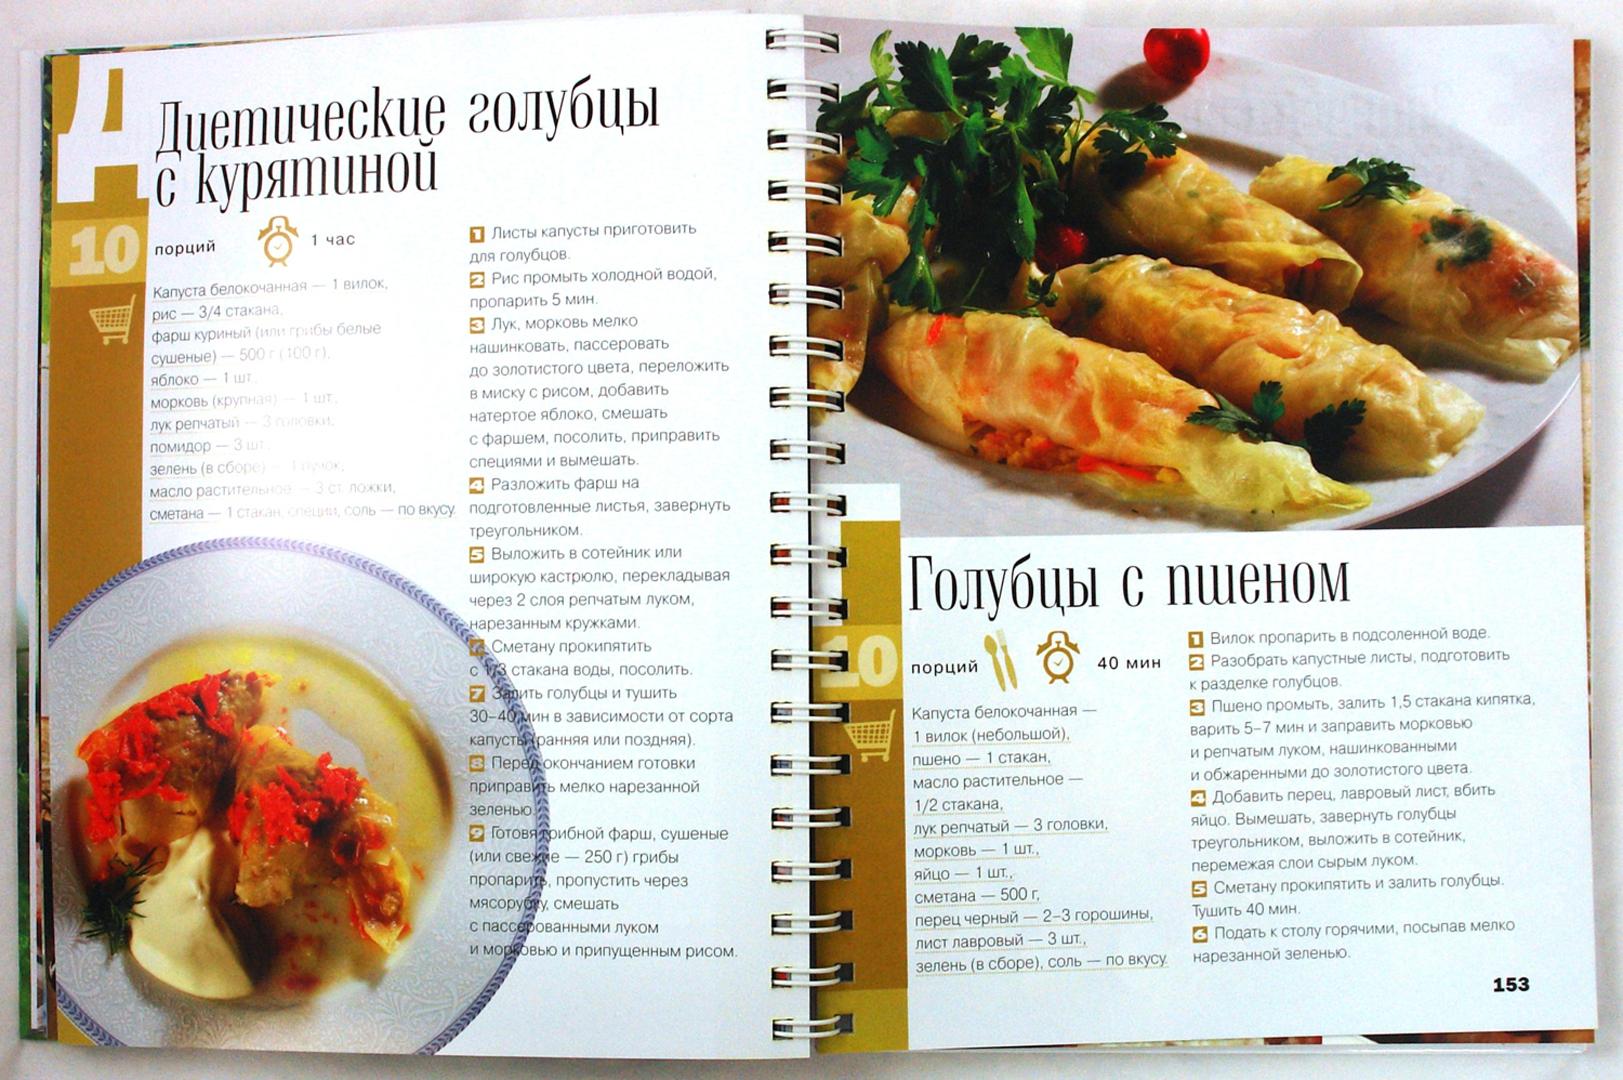 Иллюстрация 1 из 12 для Лучшие кулинарные рецепты - Лариса Гаевская | Лабиринт - книги. Источник: Лабиринт